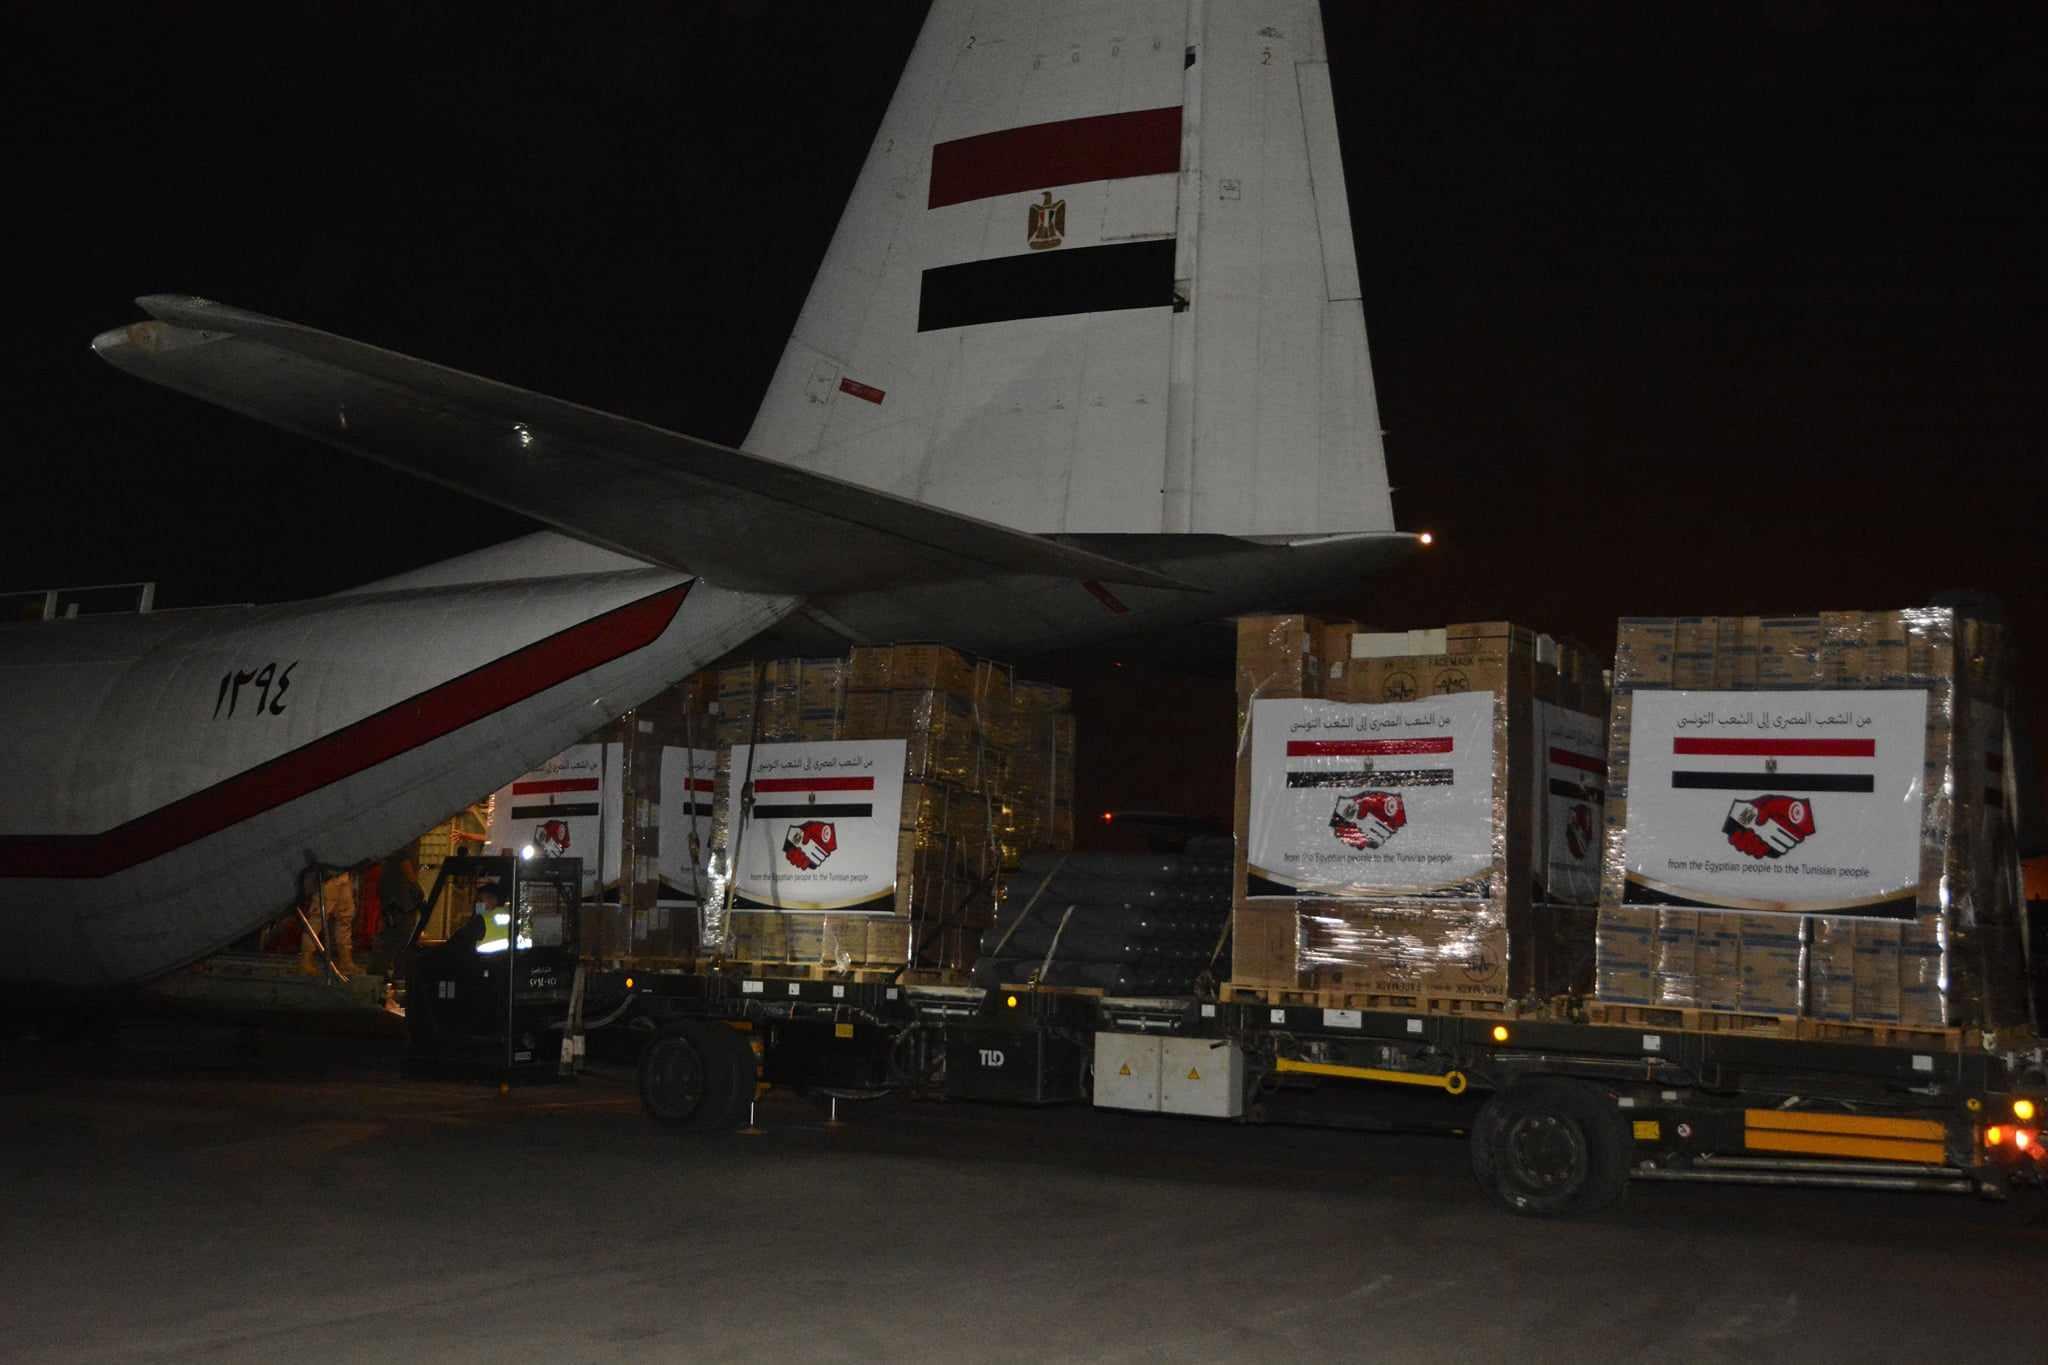 egypt tunisia medical aid sends